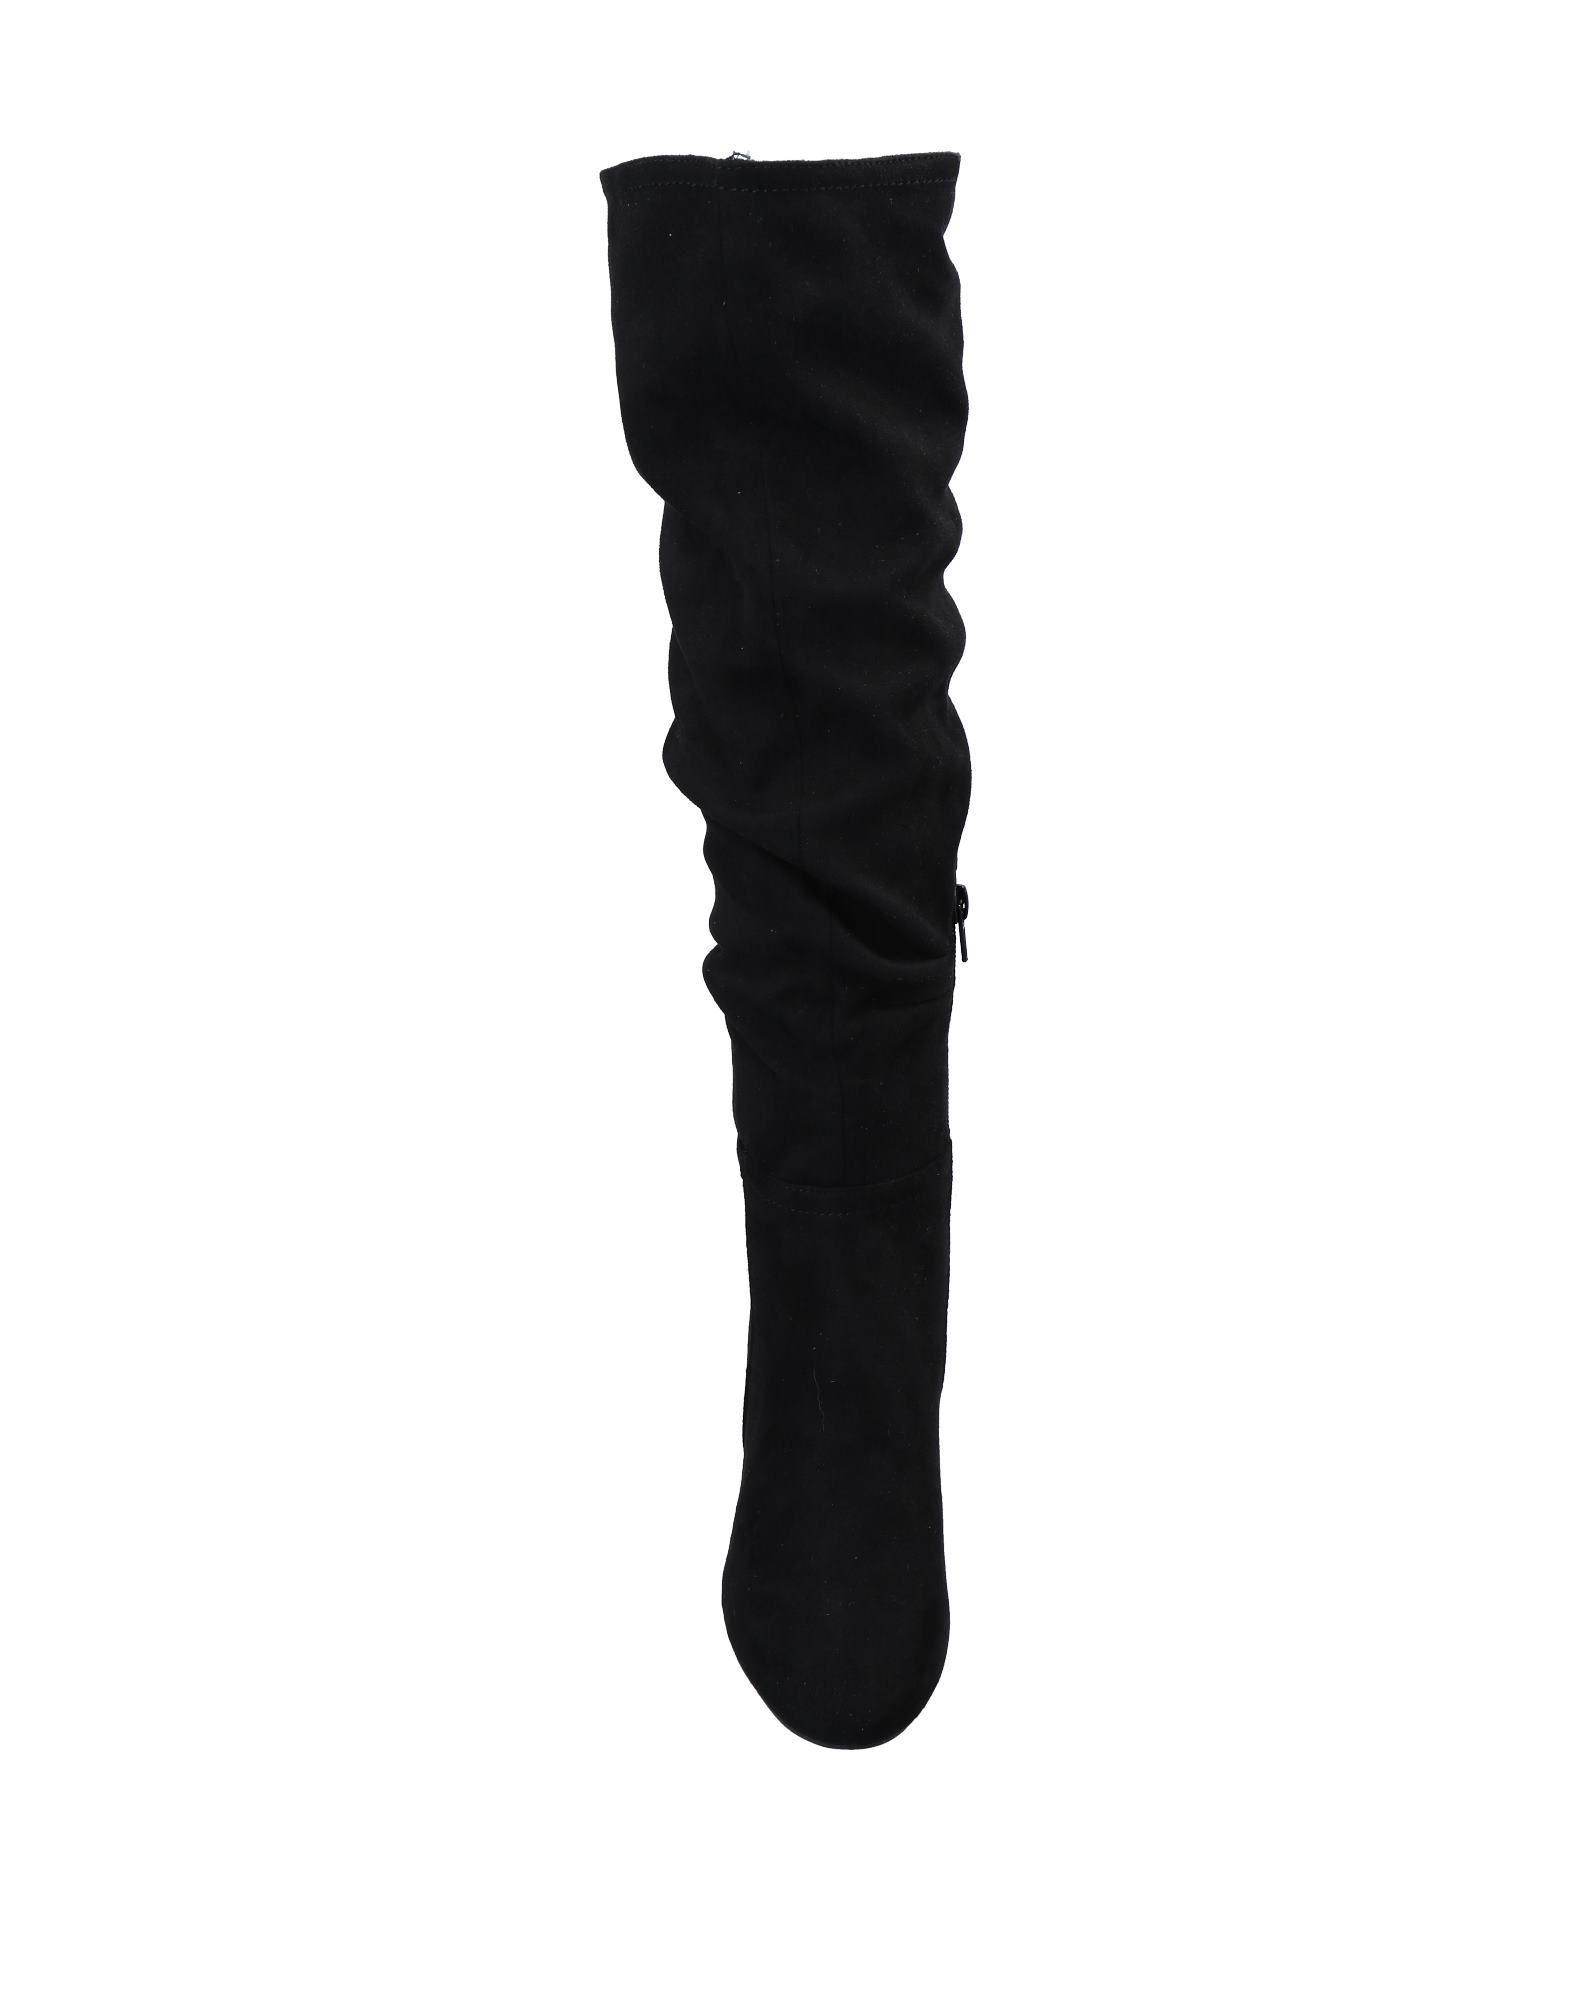 Mtng Gutes Stiefel Damen Gutes Mtng Preis-Leistungs-Verhältnis, es lohnt sich f44419